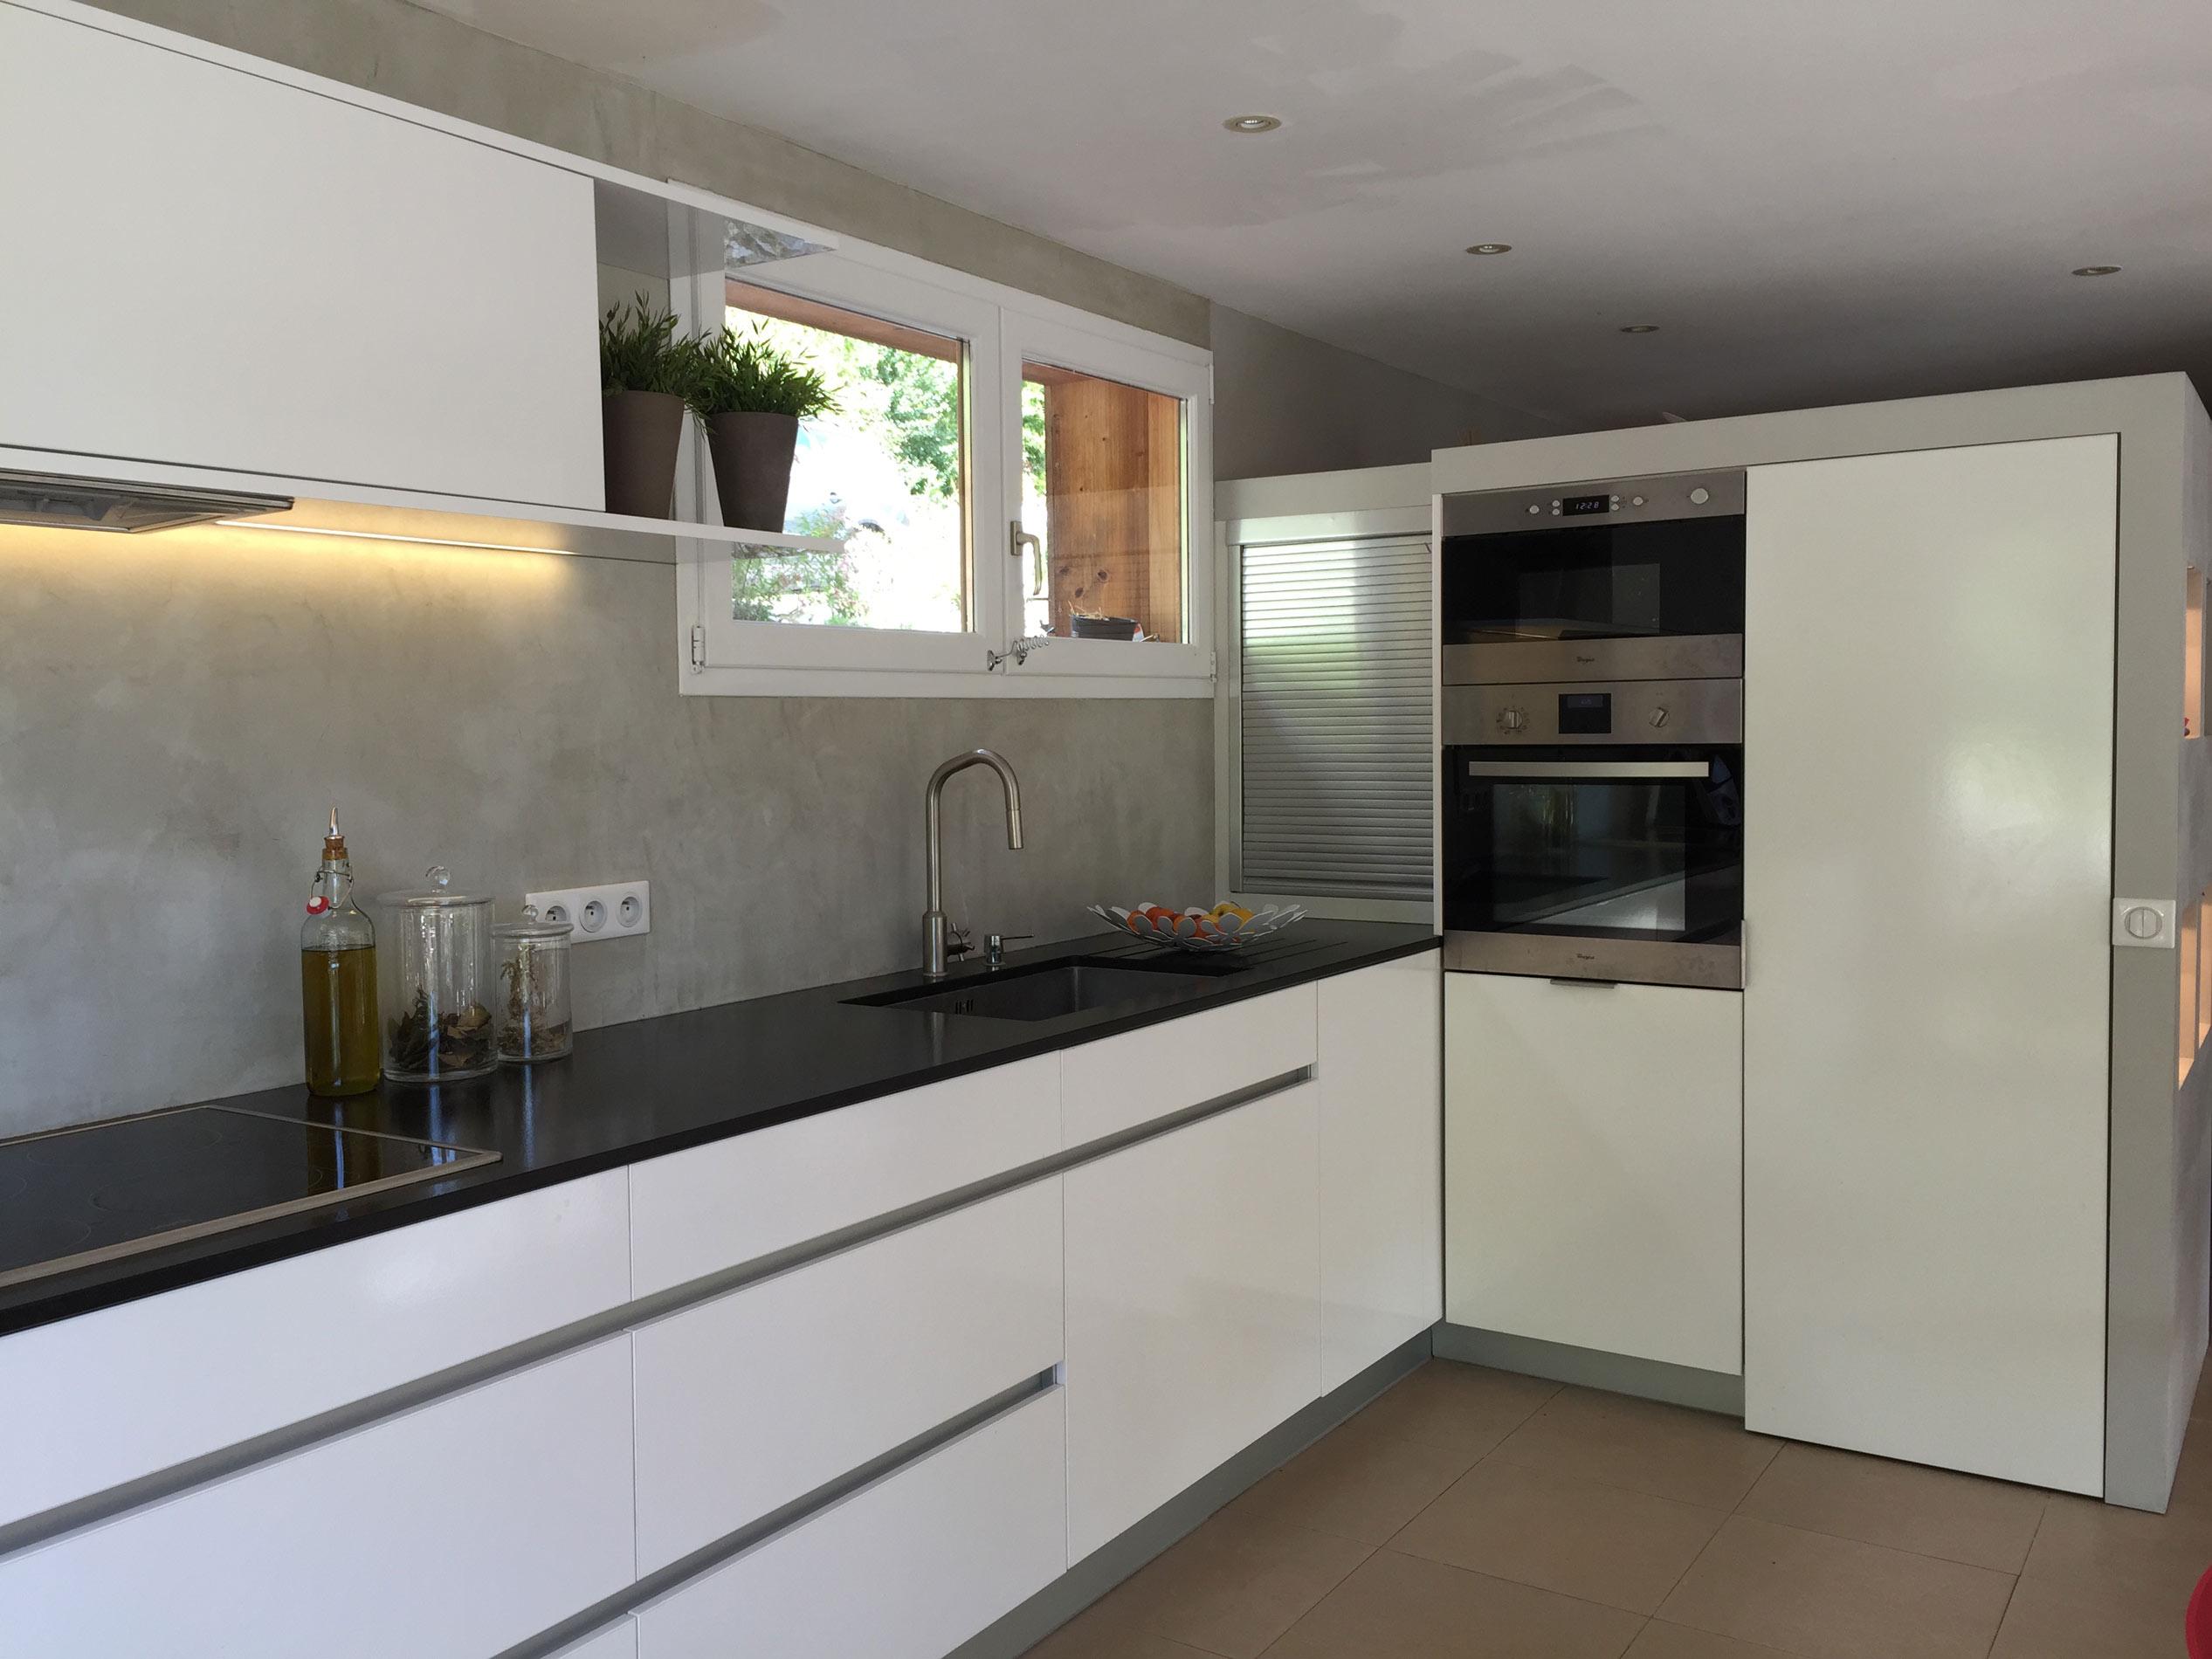 Cuisine Avec Plan De Travail En Granit Livraison Clenbuterol Fr